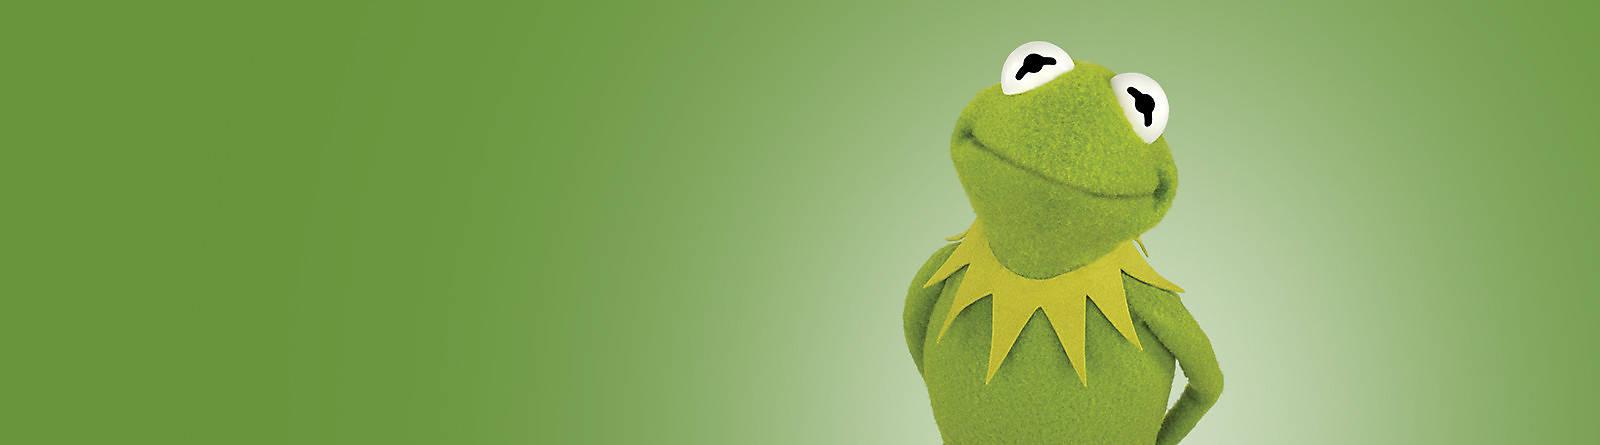 Muppets Trasládate al mundo de los 'Muppets' con los productos que tenemos de tus personajes favoritos. Hazte con tu preferido.